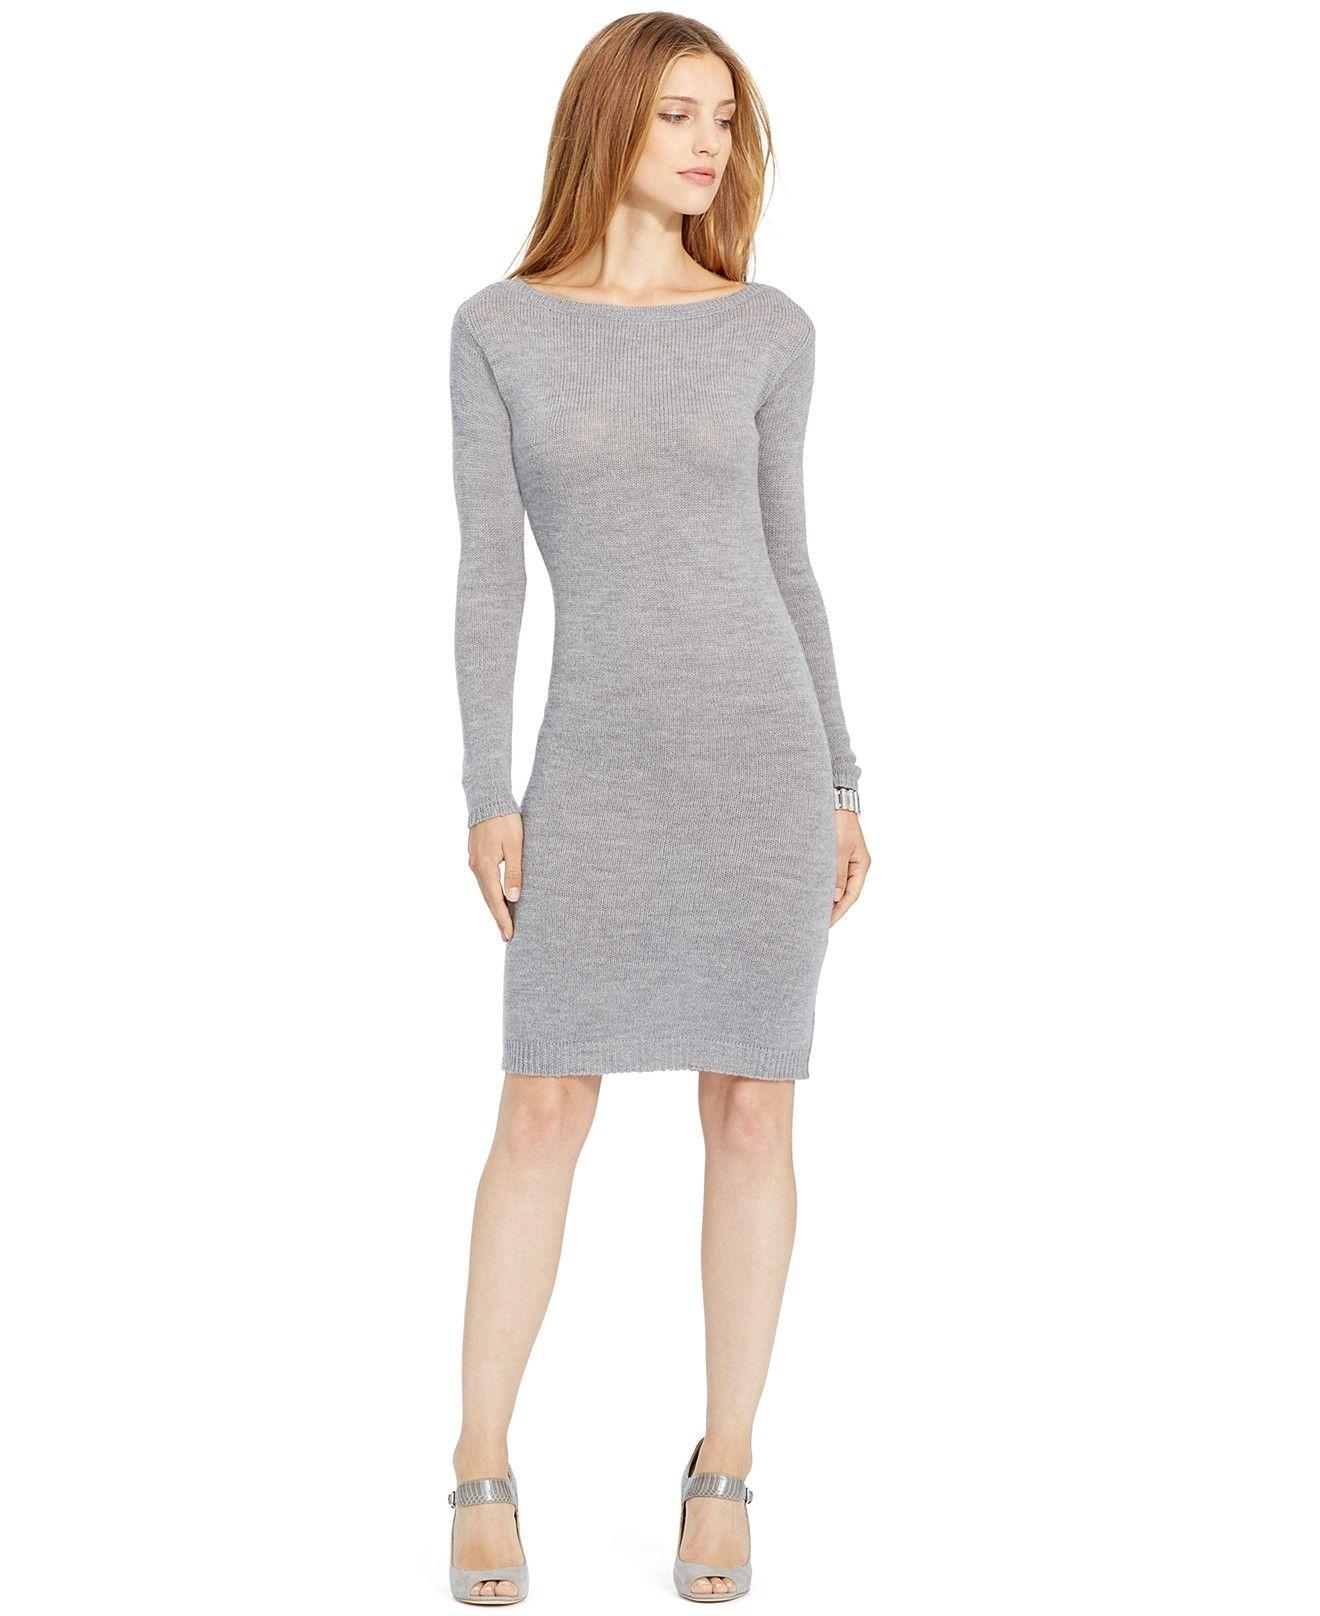 Lauren Ralph Lauren Merino Wool Sweater Dress - Dresses - Women - Macy's